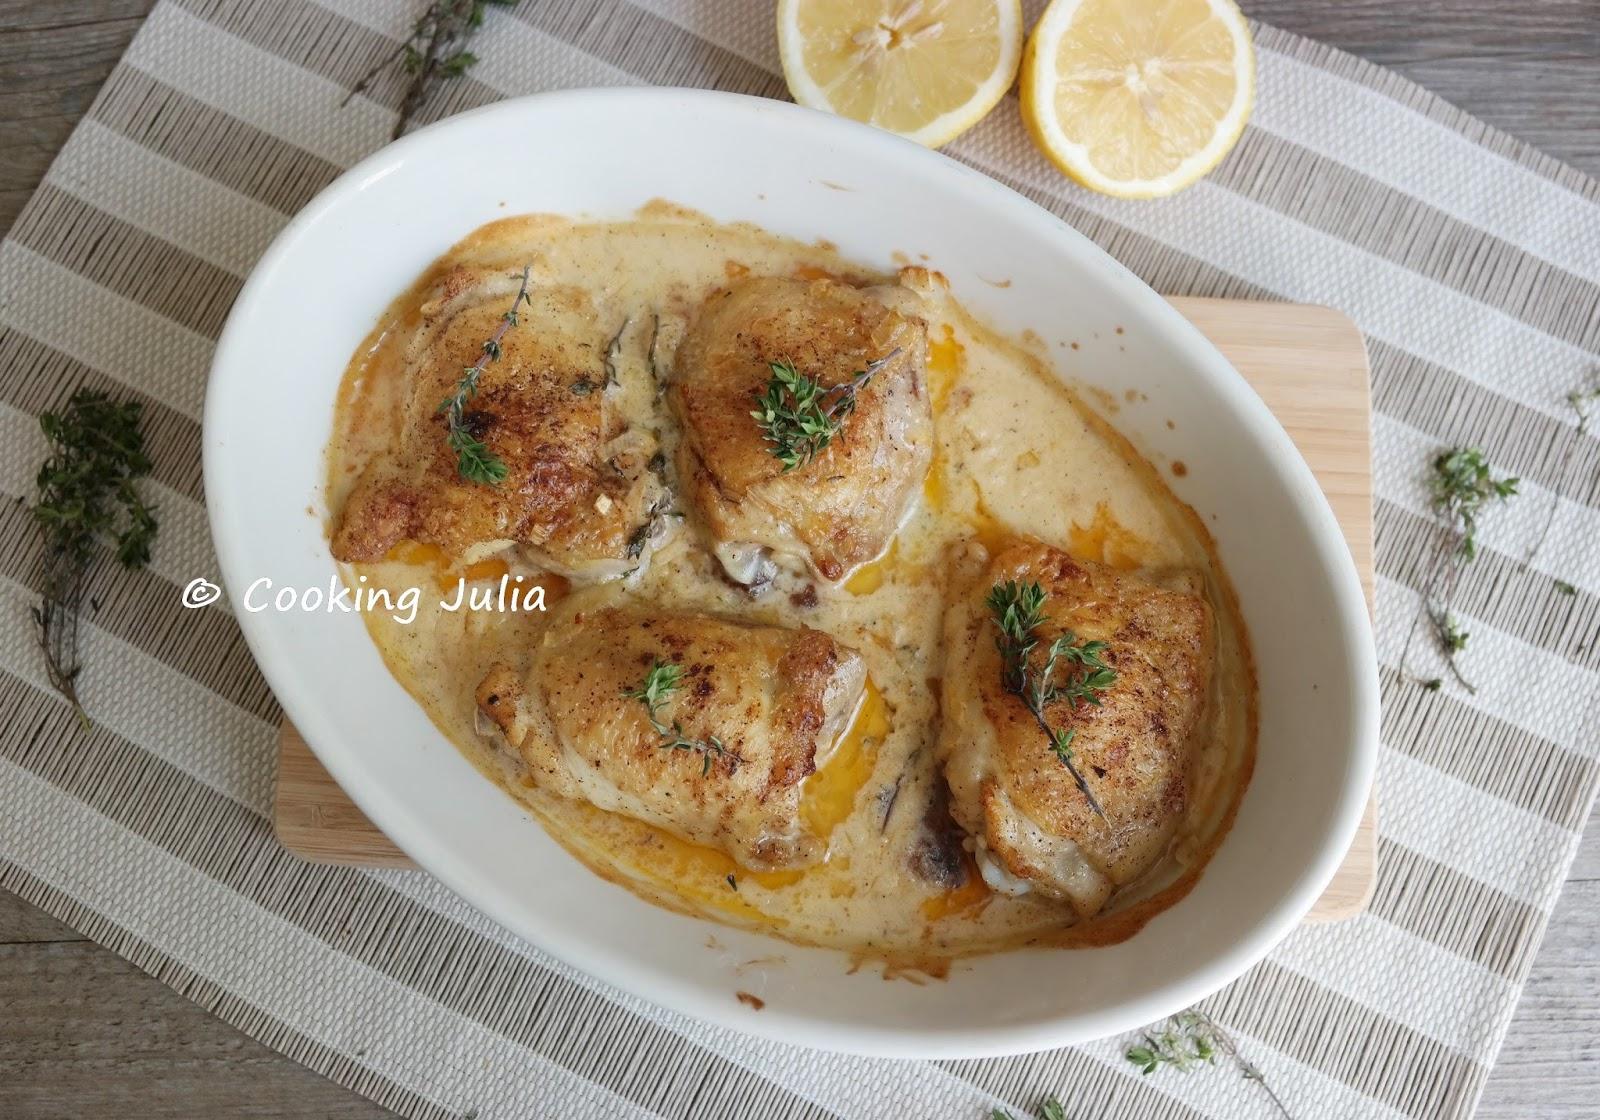 Cooking julia poulet au thym ail et citron - Echalote cuisse de poulet ...